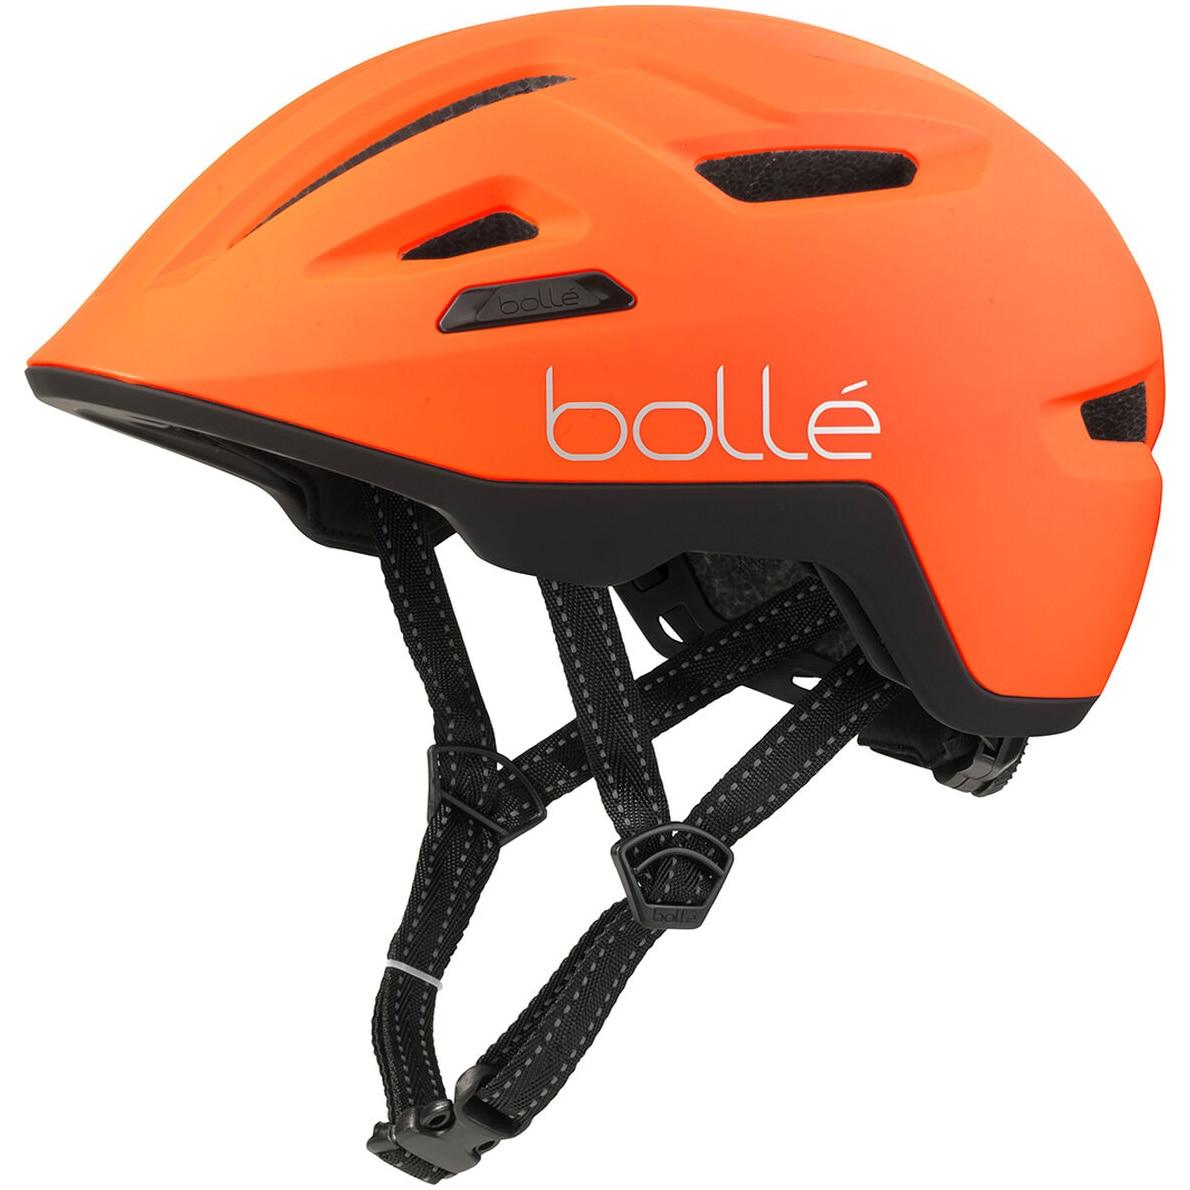 Fotografie Casca ciclism Bolle Stance Matte Hi-Vis Orange, 59-62cm